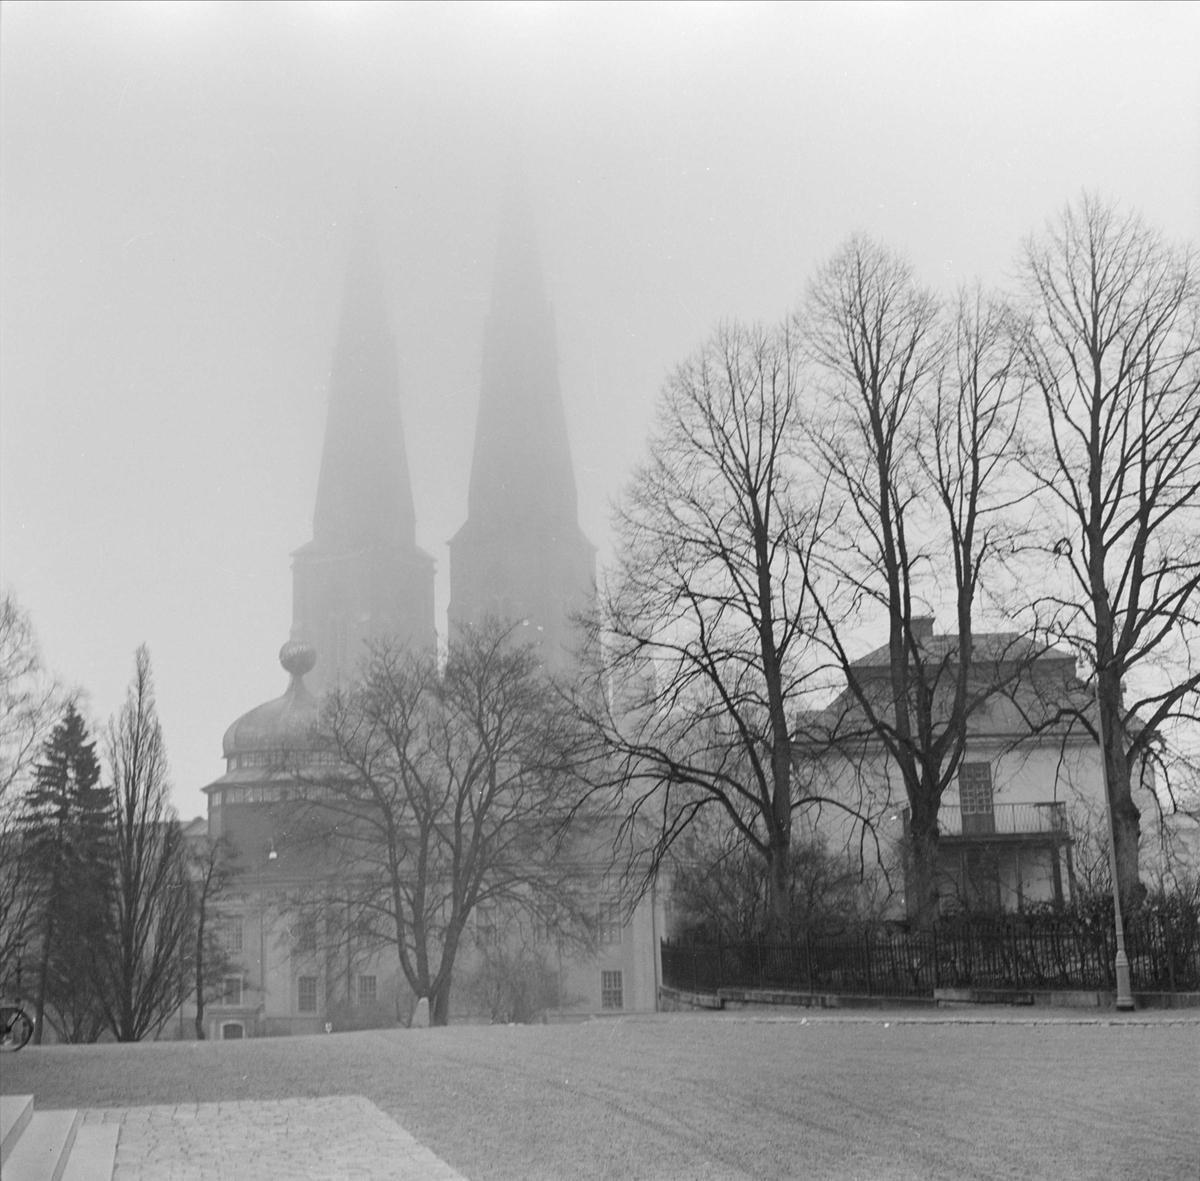 Vy över Ärkepiskopsgården och Uppsala Domkyrka, stadsdelen Fjärdingen, Uppsala